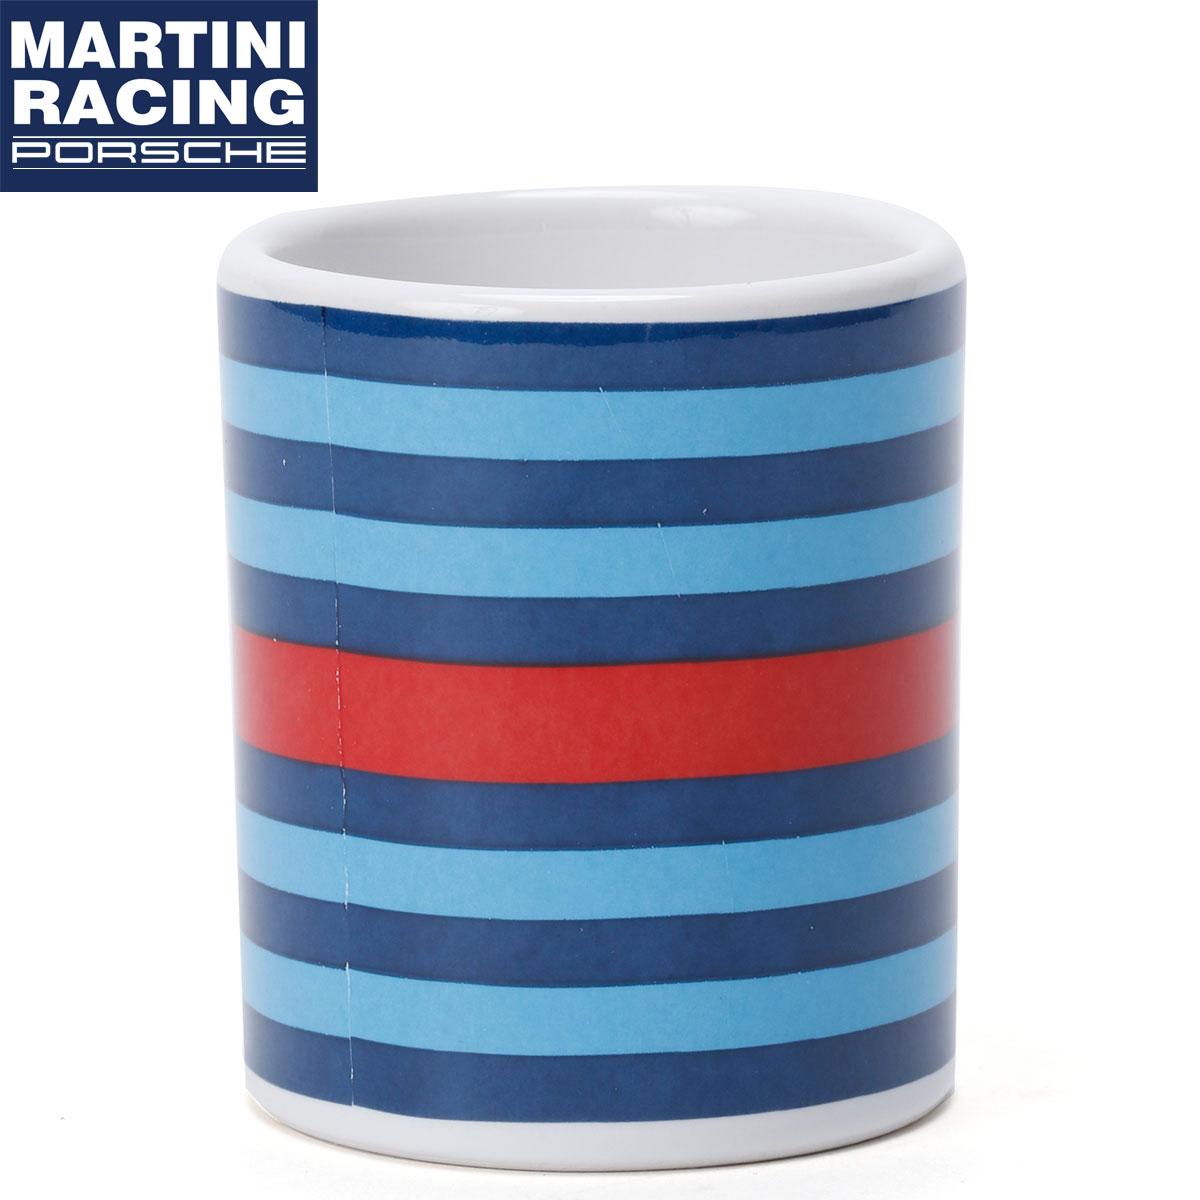 ポルシェとマルティニ レーシングのコラボレーションアイテム ポルシェ 販売実績No.1 マルティニ 10%OFF レーシング ショット MARTINI グラス PORSCHE RACING